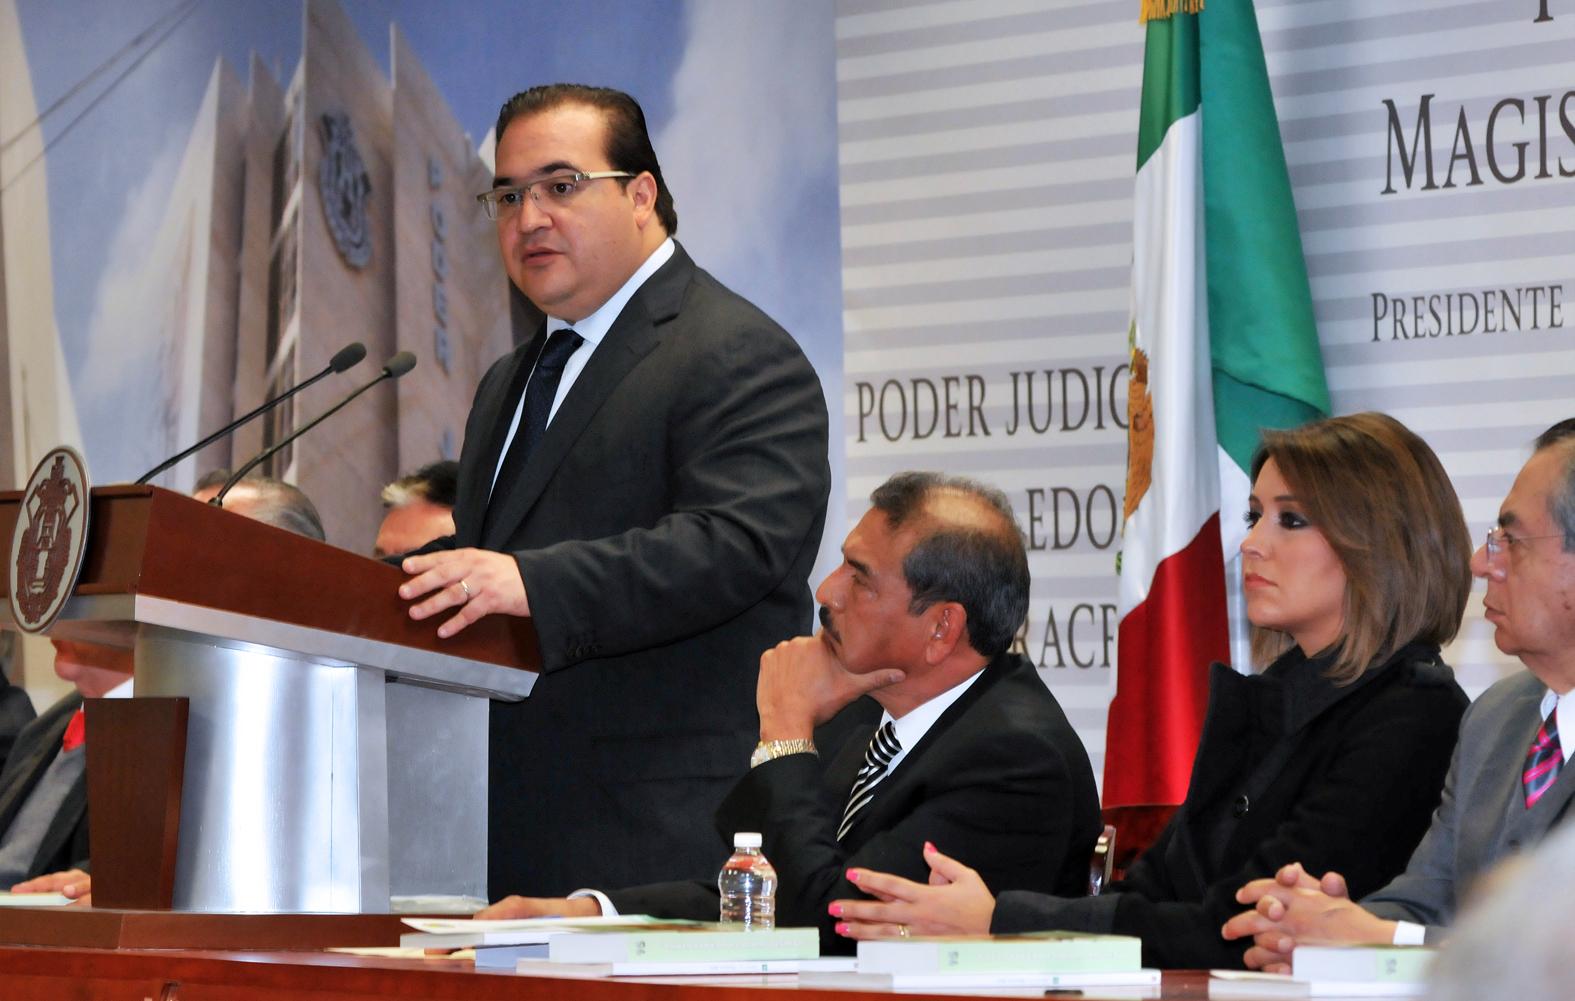 Veracruz, con la oportunidad histórica de fundar una sociedad más justa: Javier Duarte